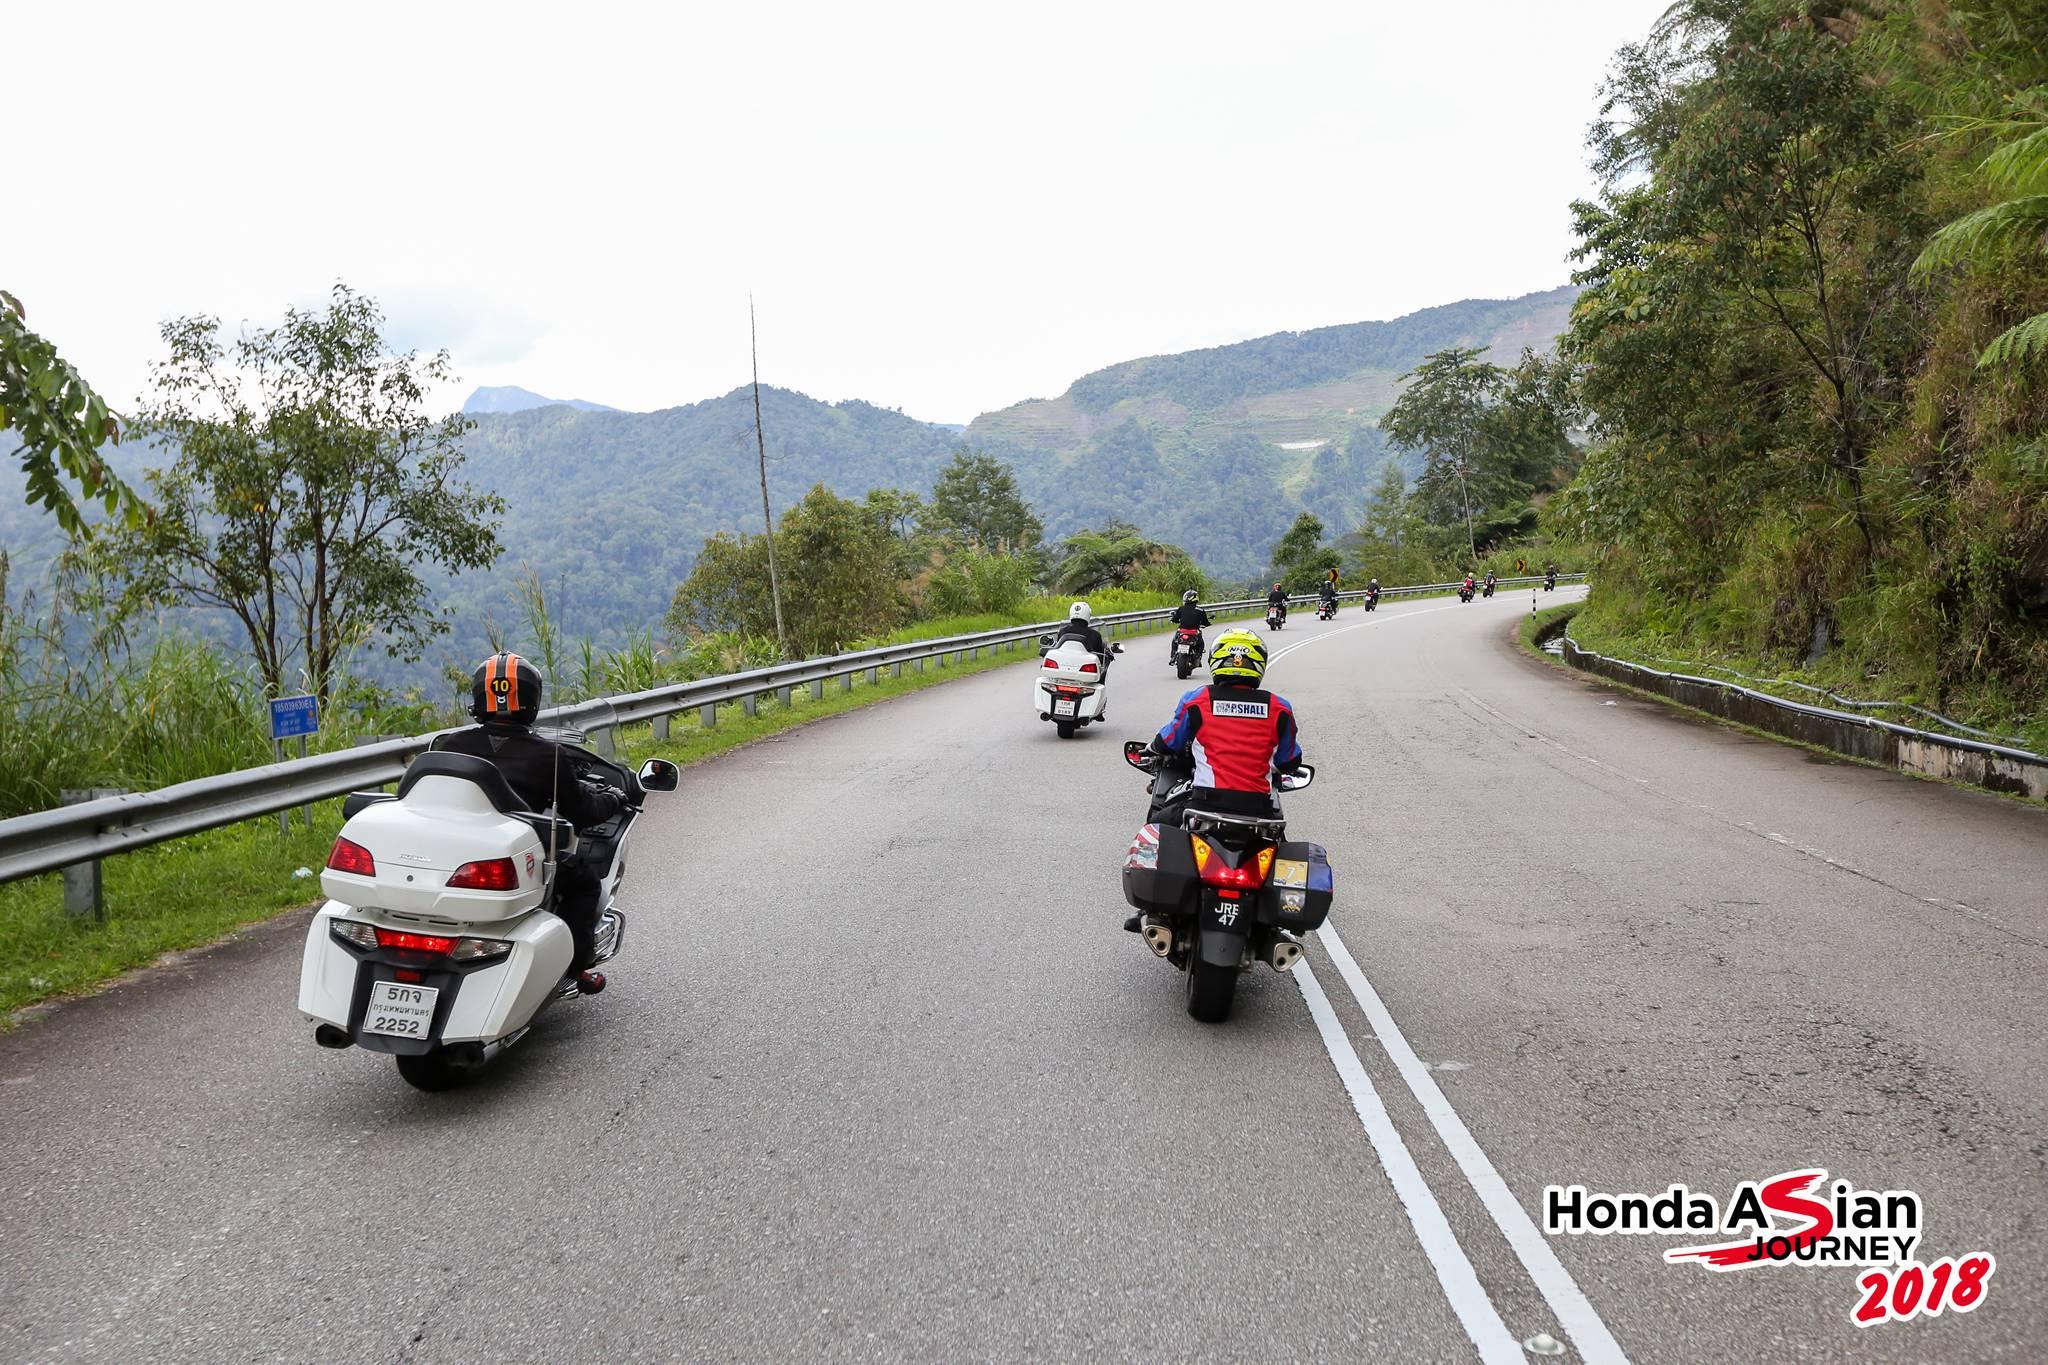 Honda_Asian_Journey_2018_Xe_Tinhte_029.jpg